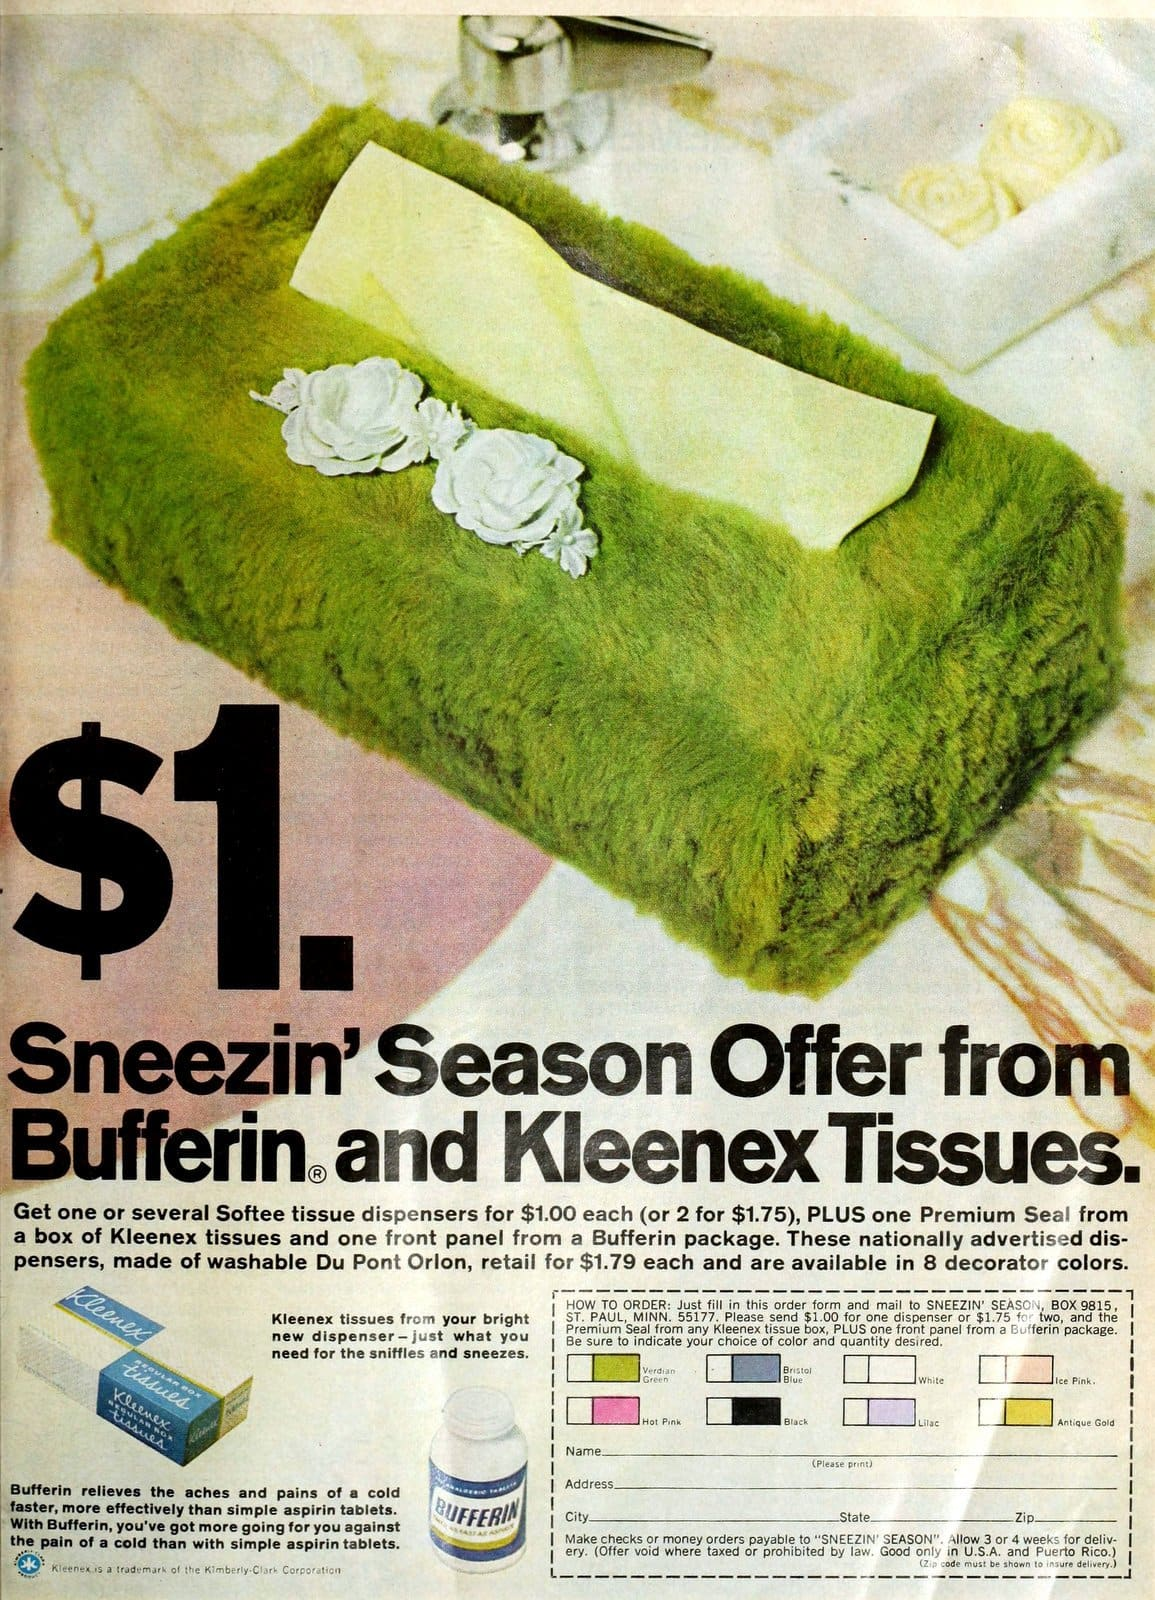 Bufferin and Kleenex fuzzy shag tissue box dispenser mail-in offer (1967)